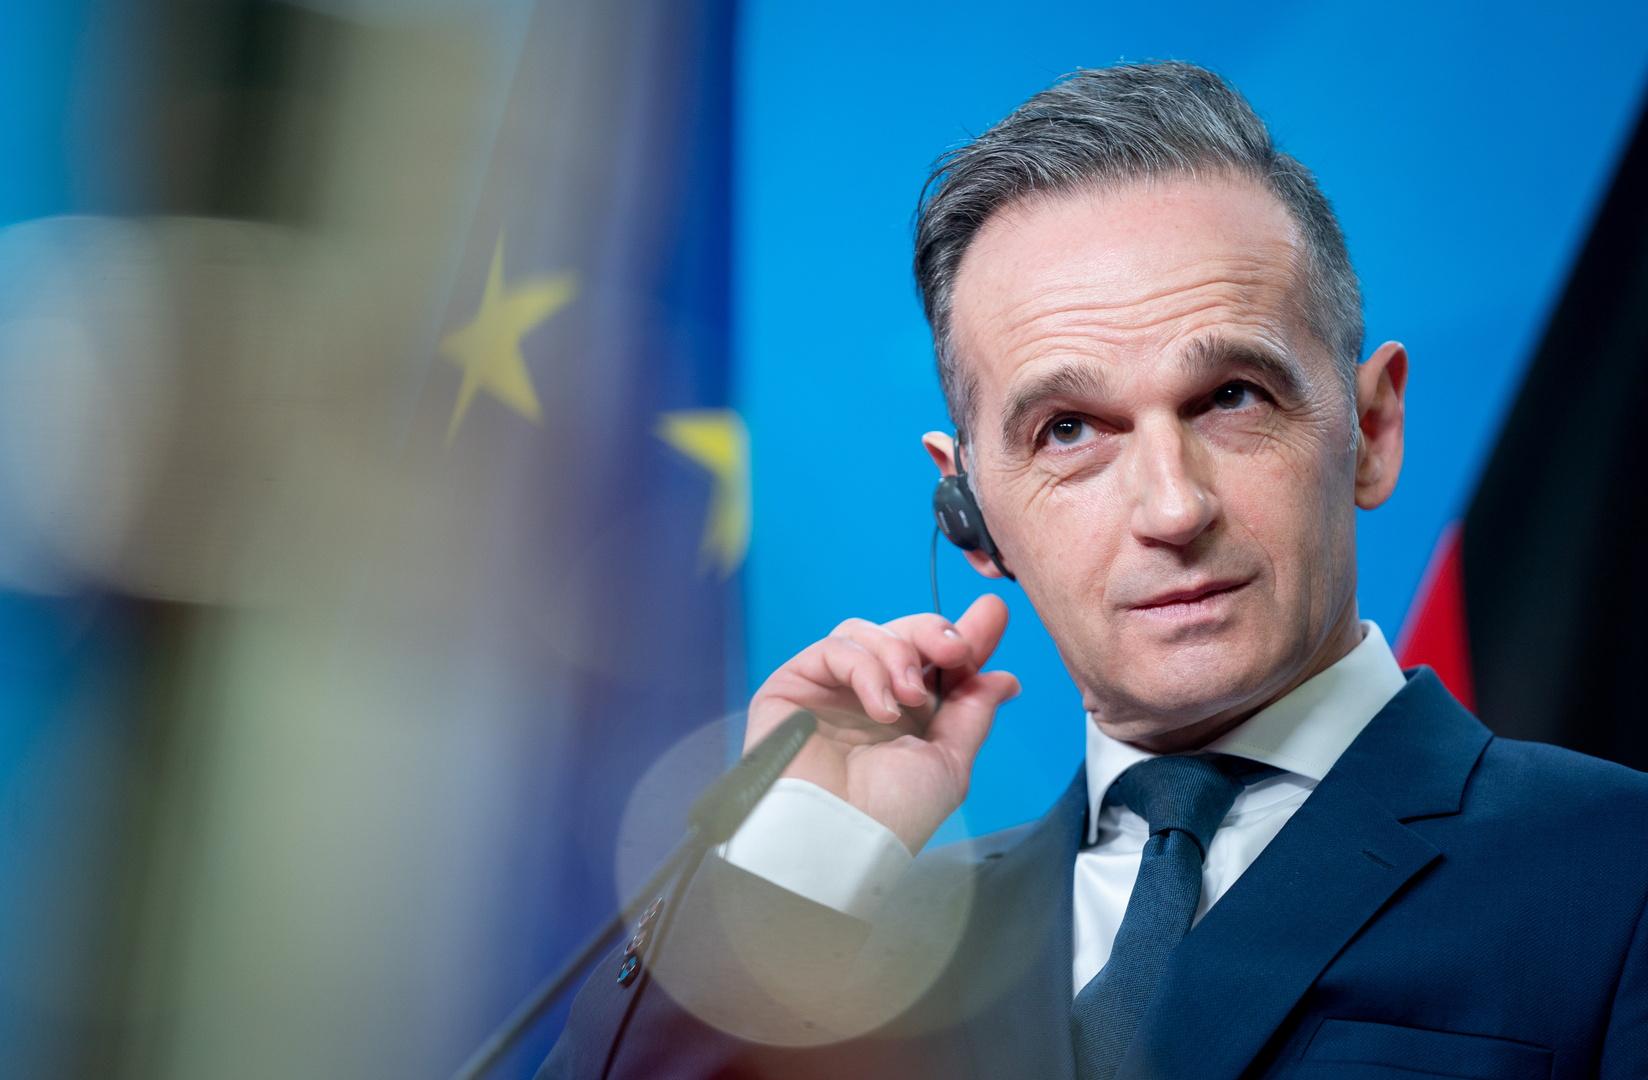 وزير الخارجية الألماني يزور تركيا مطلع الأسبوع المقبل